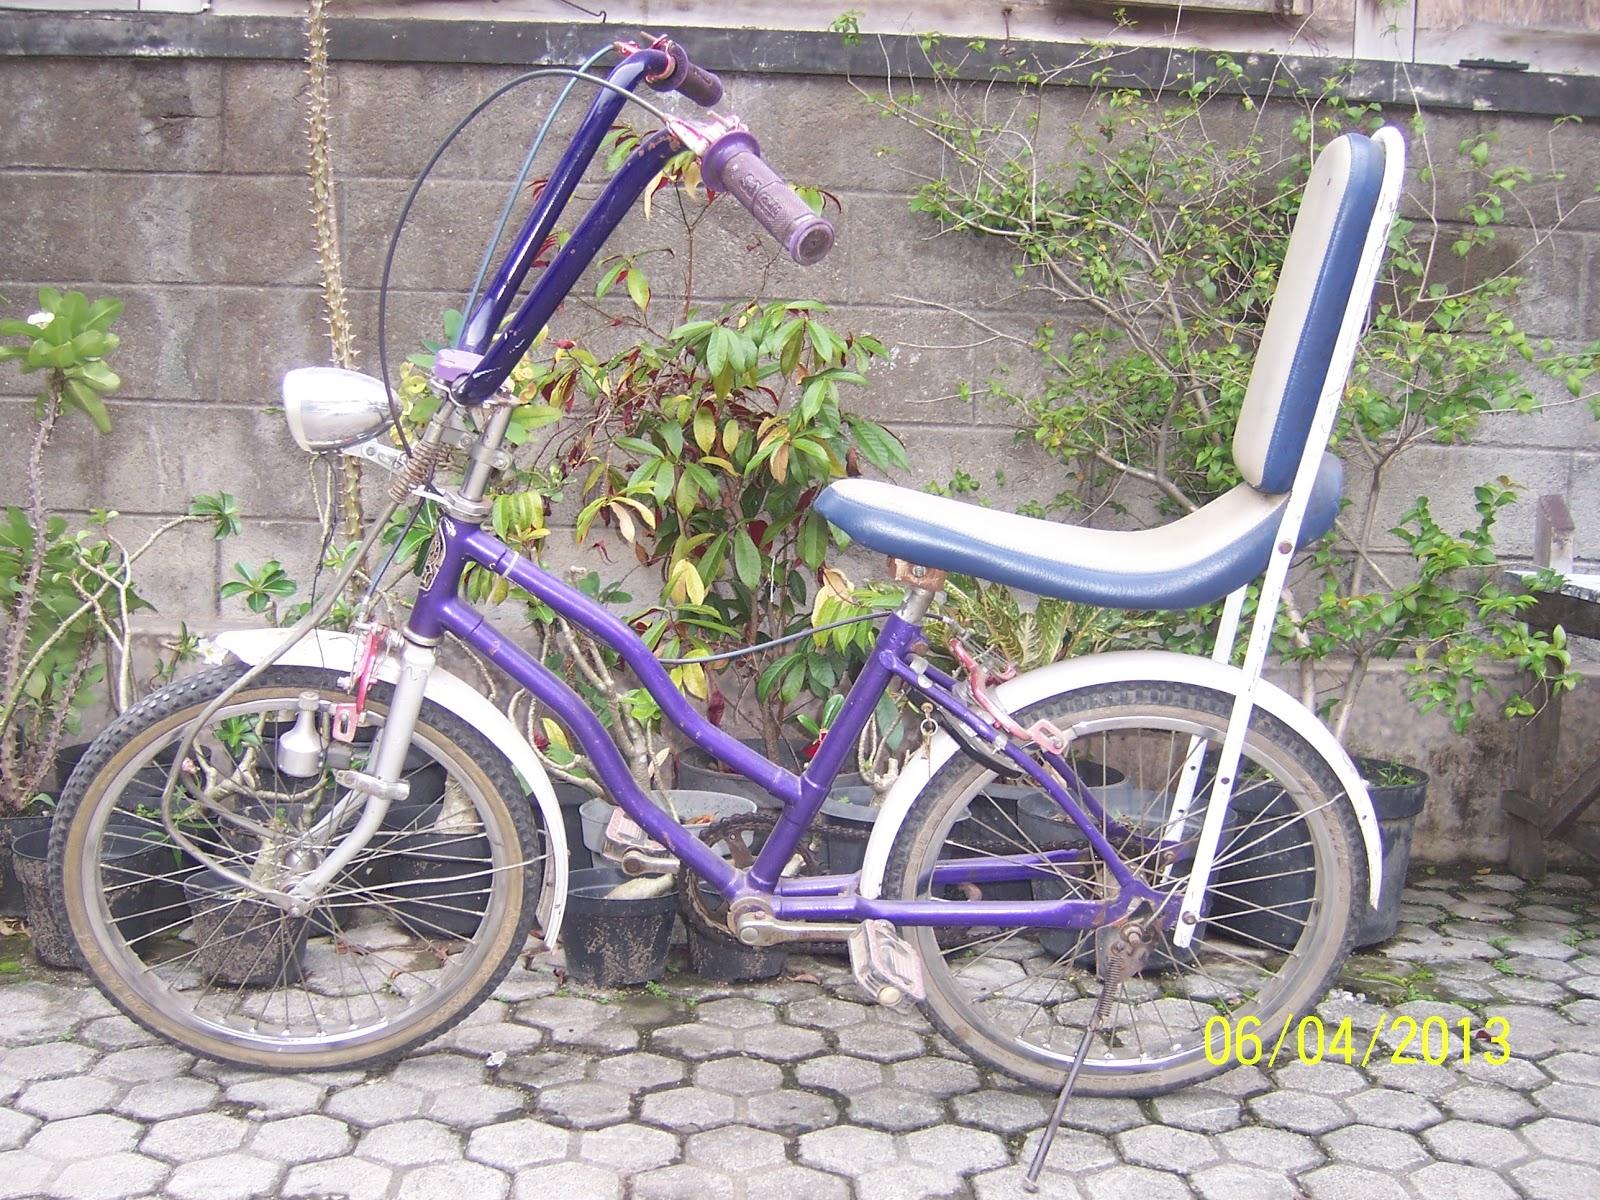 Sepeda Lowrider Jogja - Harga Online Terbaik